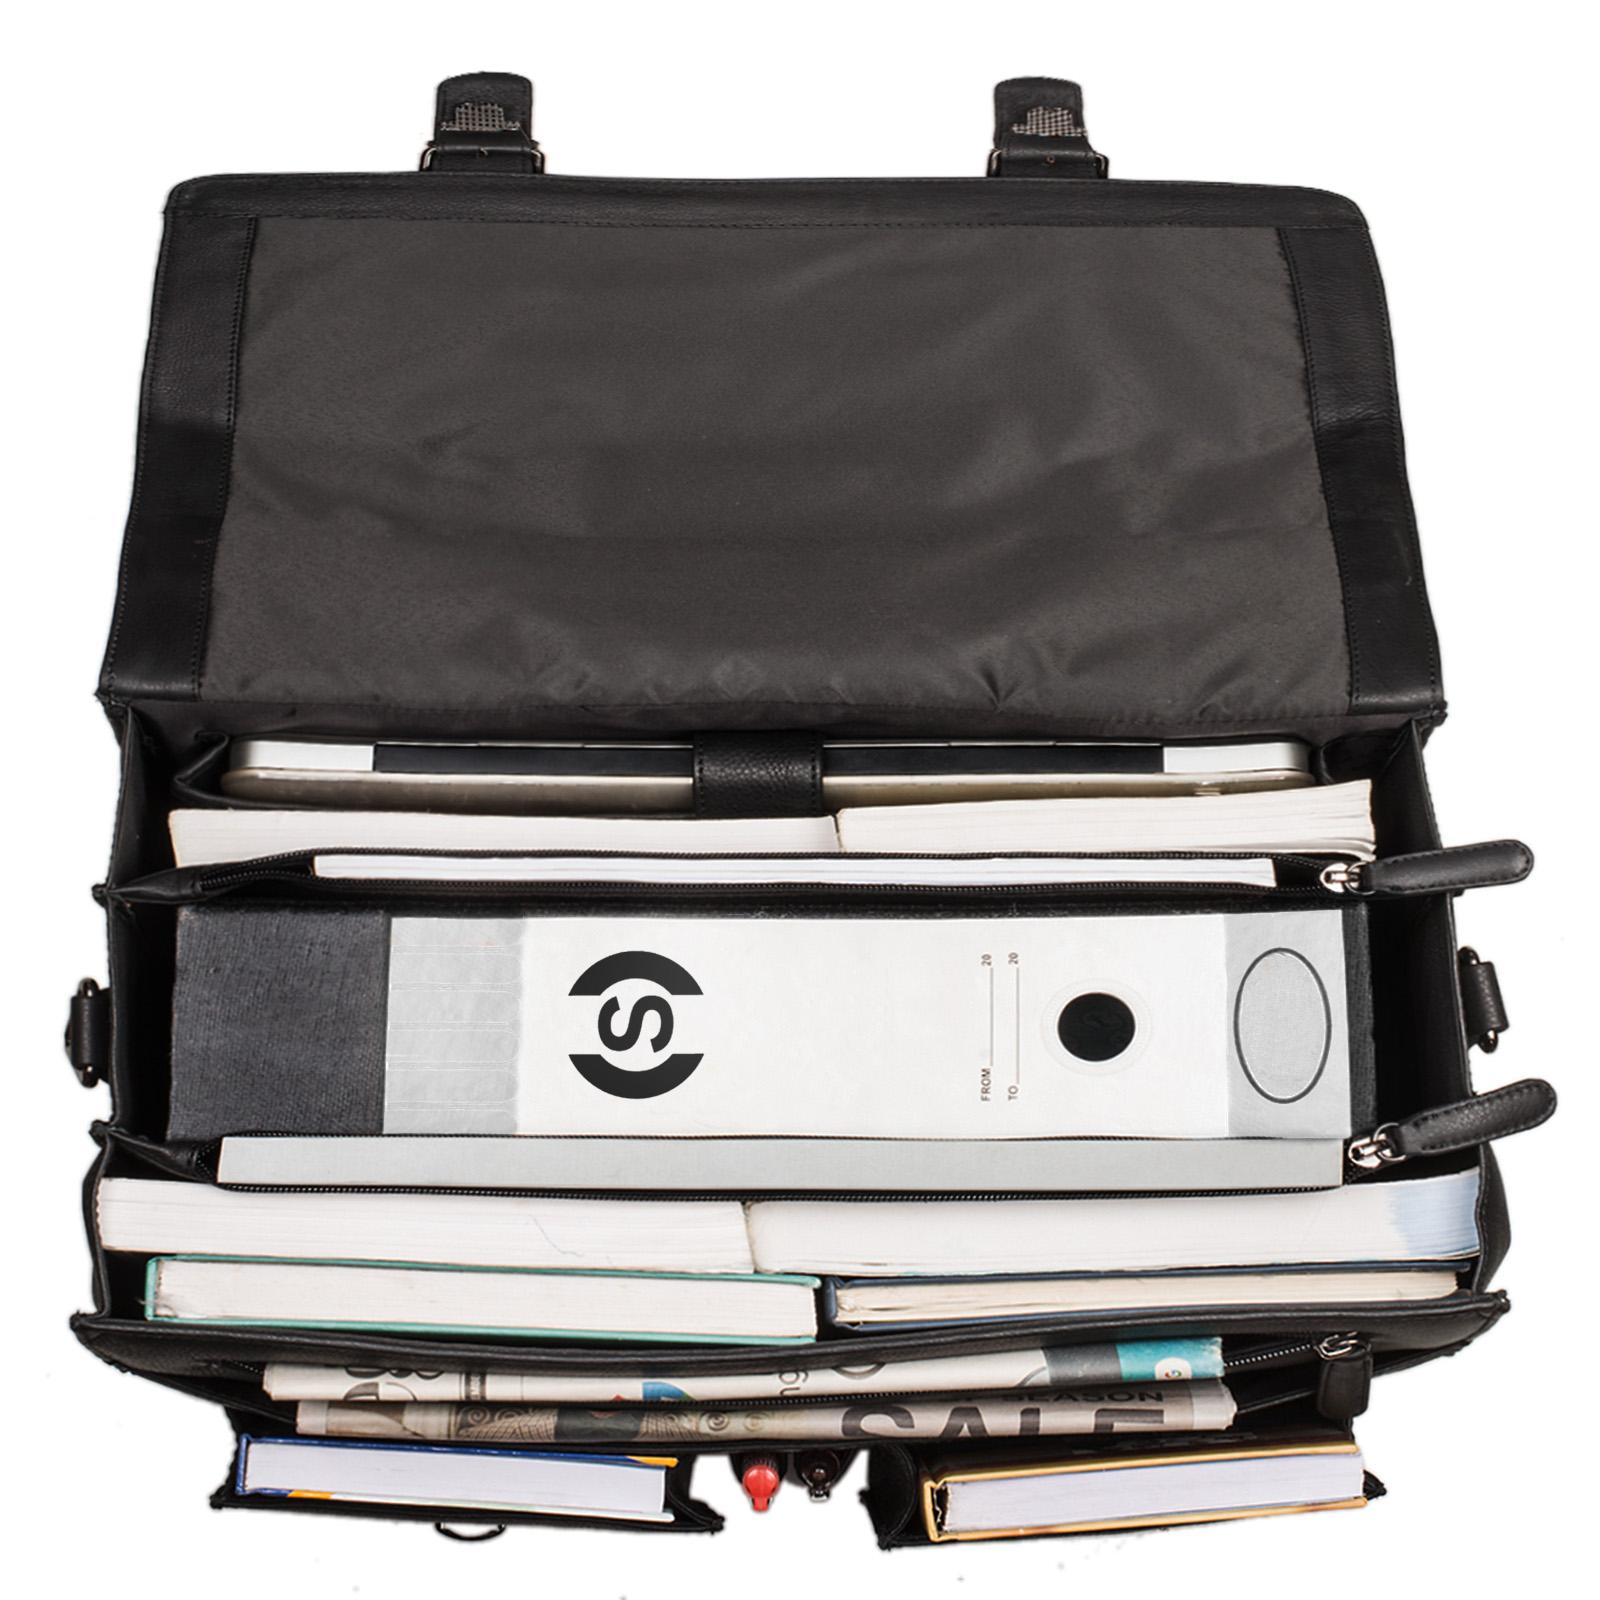 """STILORD """"Marius"""" Klassische Lehrertasche Leder Schultasche XL groß Aktentasche zum Umhängen Businesstasche Laptoptasche echtes Rindsleder  - Bild 18"""